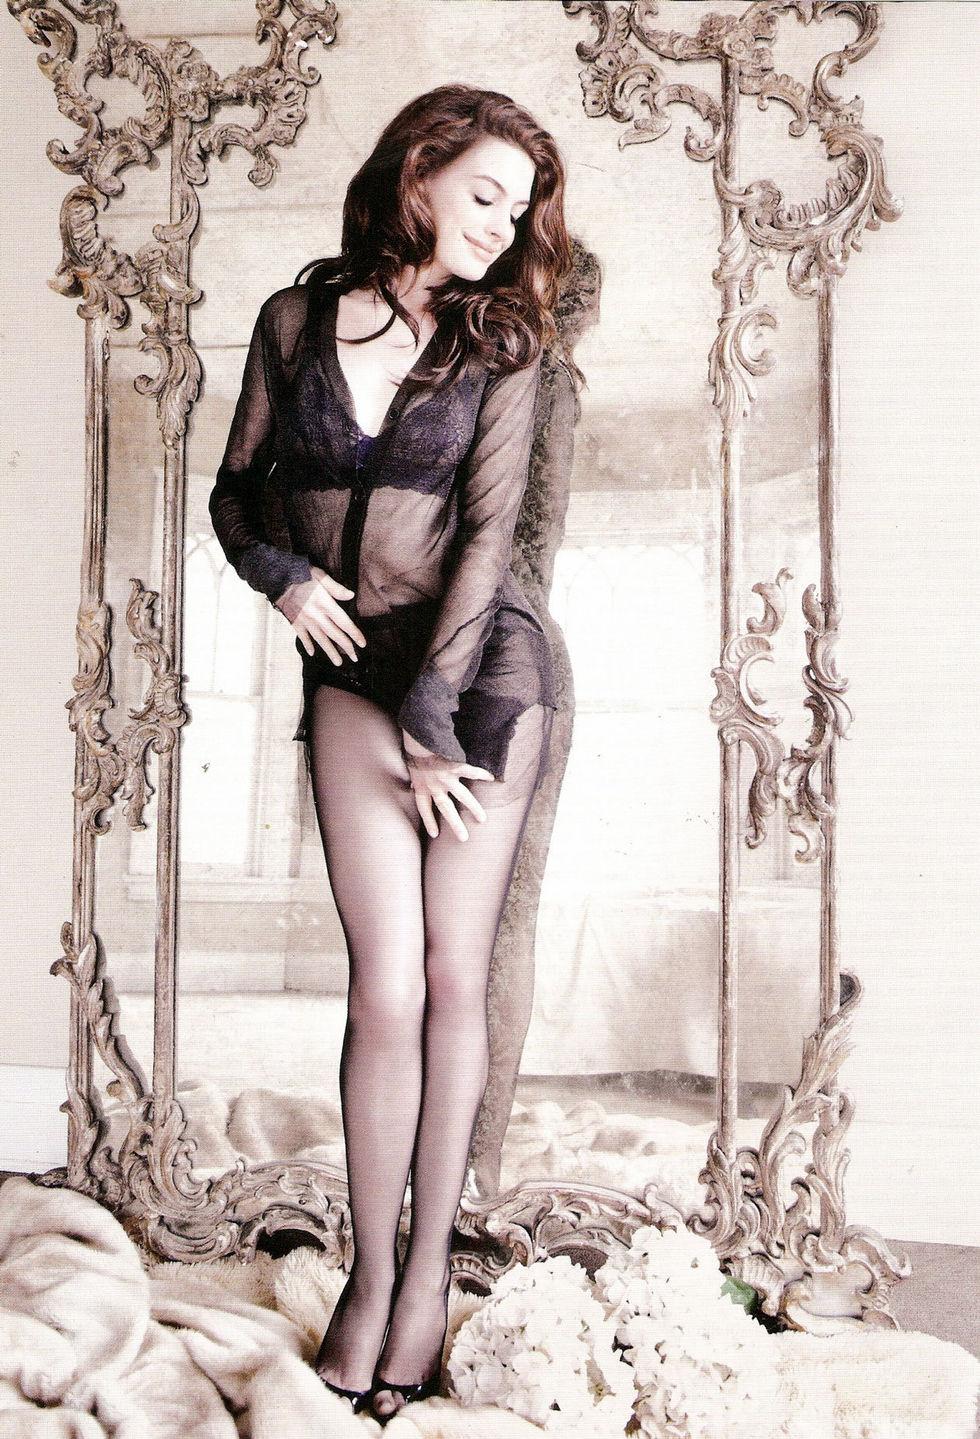 anne-hathaway-gq-magazine-march-2010-01